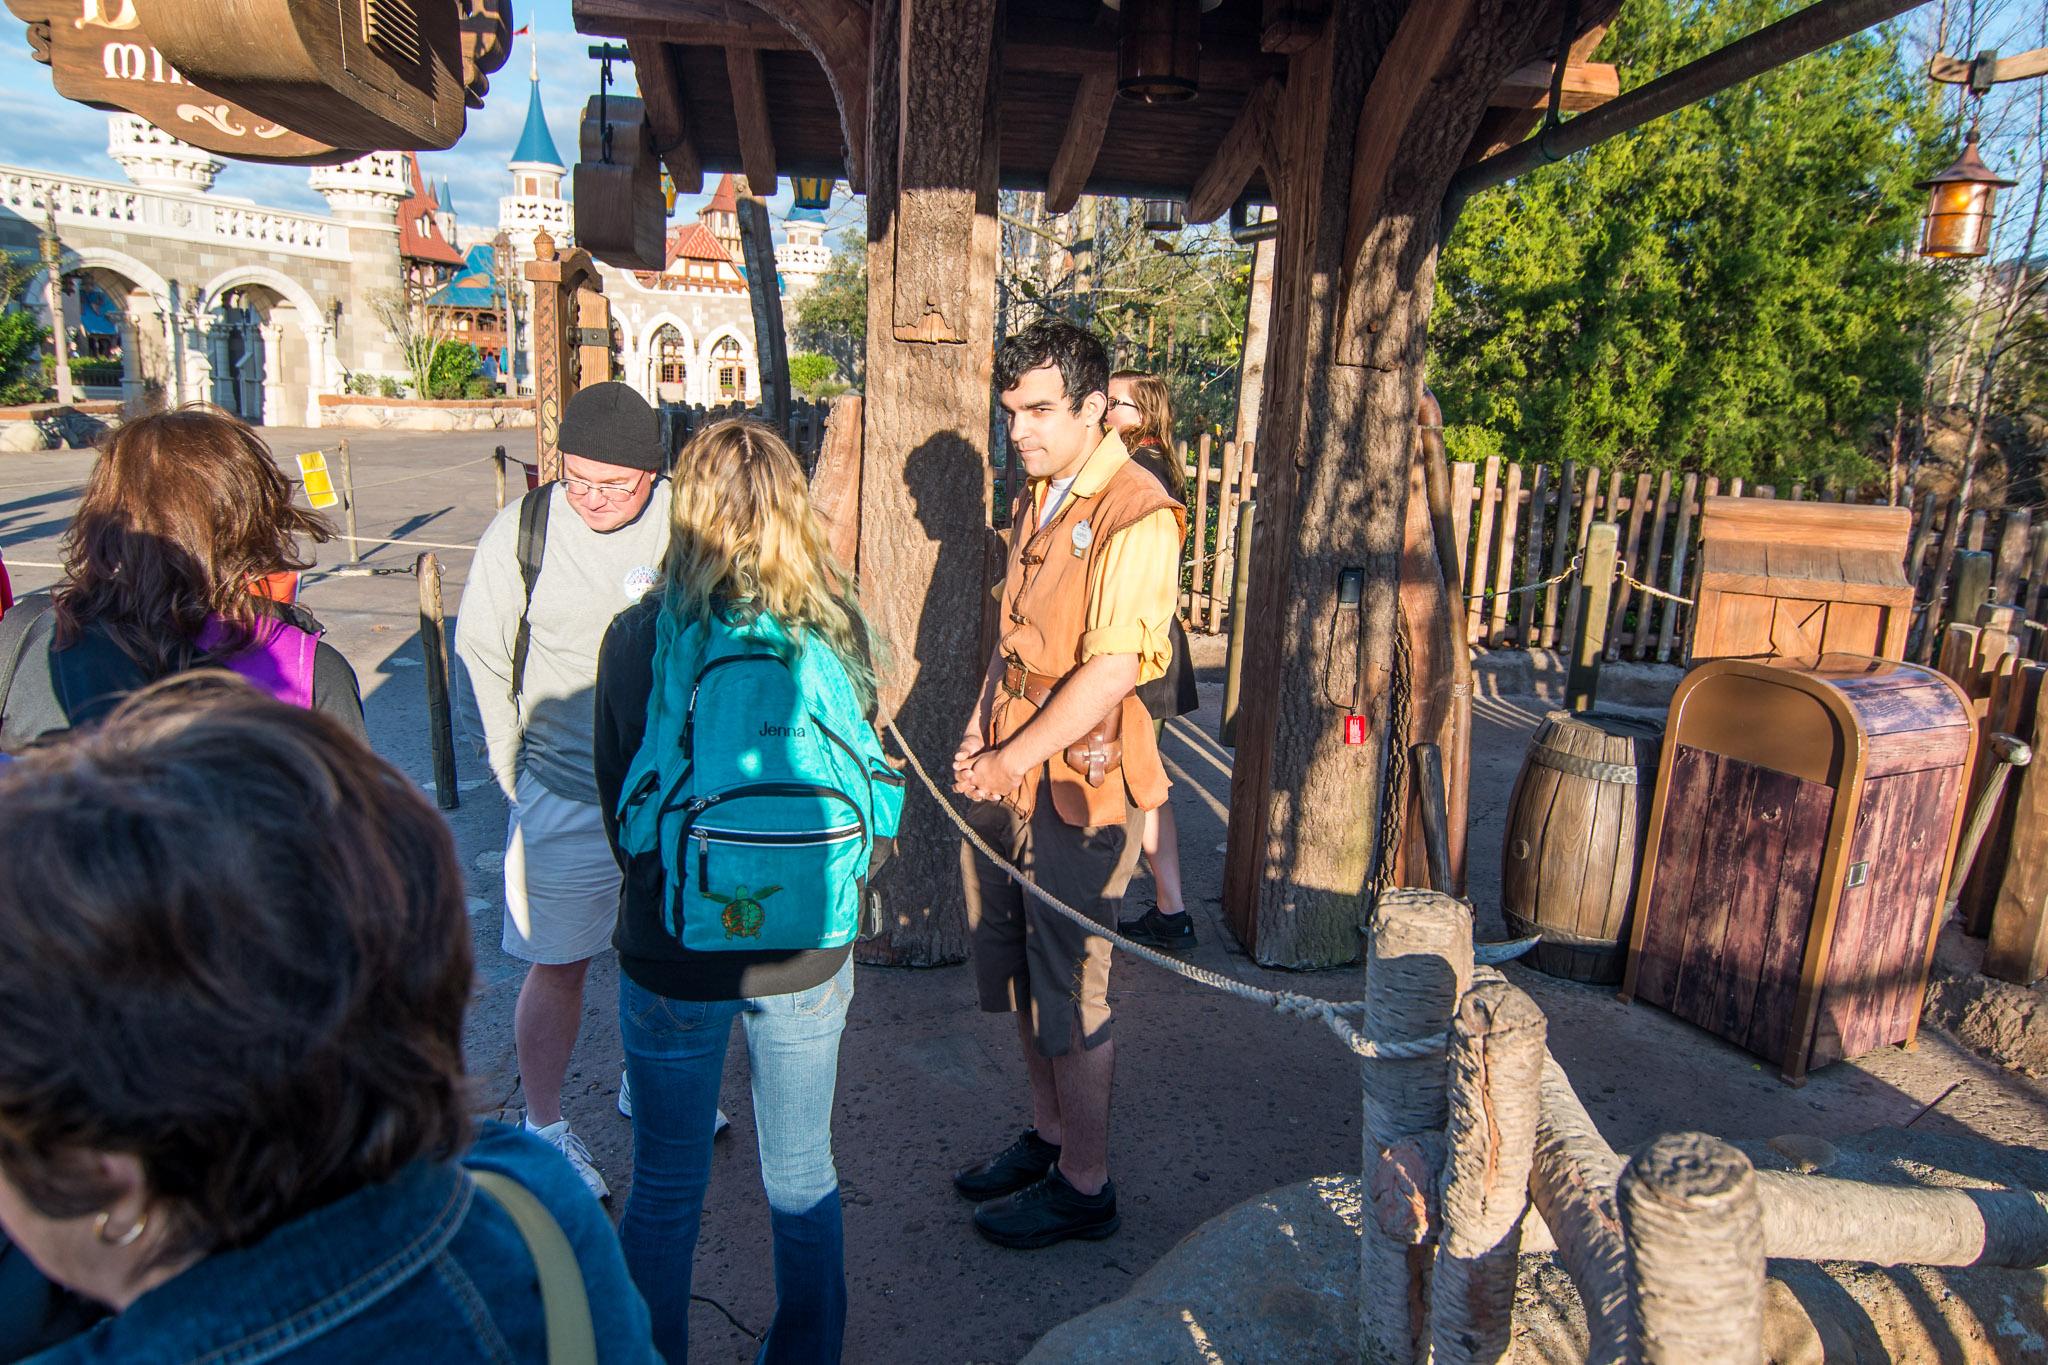 Front of Line at Seven Dwarfs Mine Train - Walt Disney World Magic Kingdom